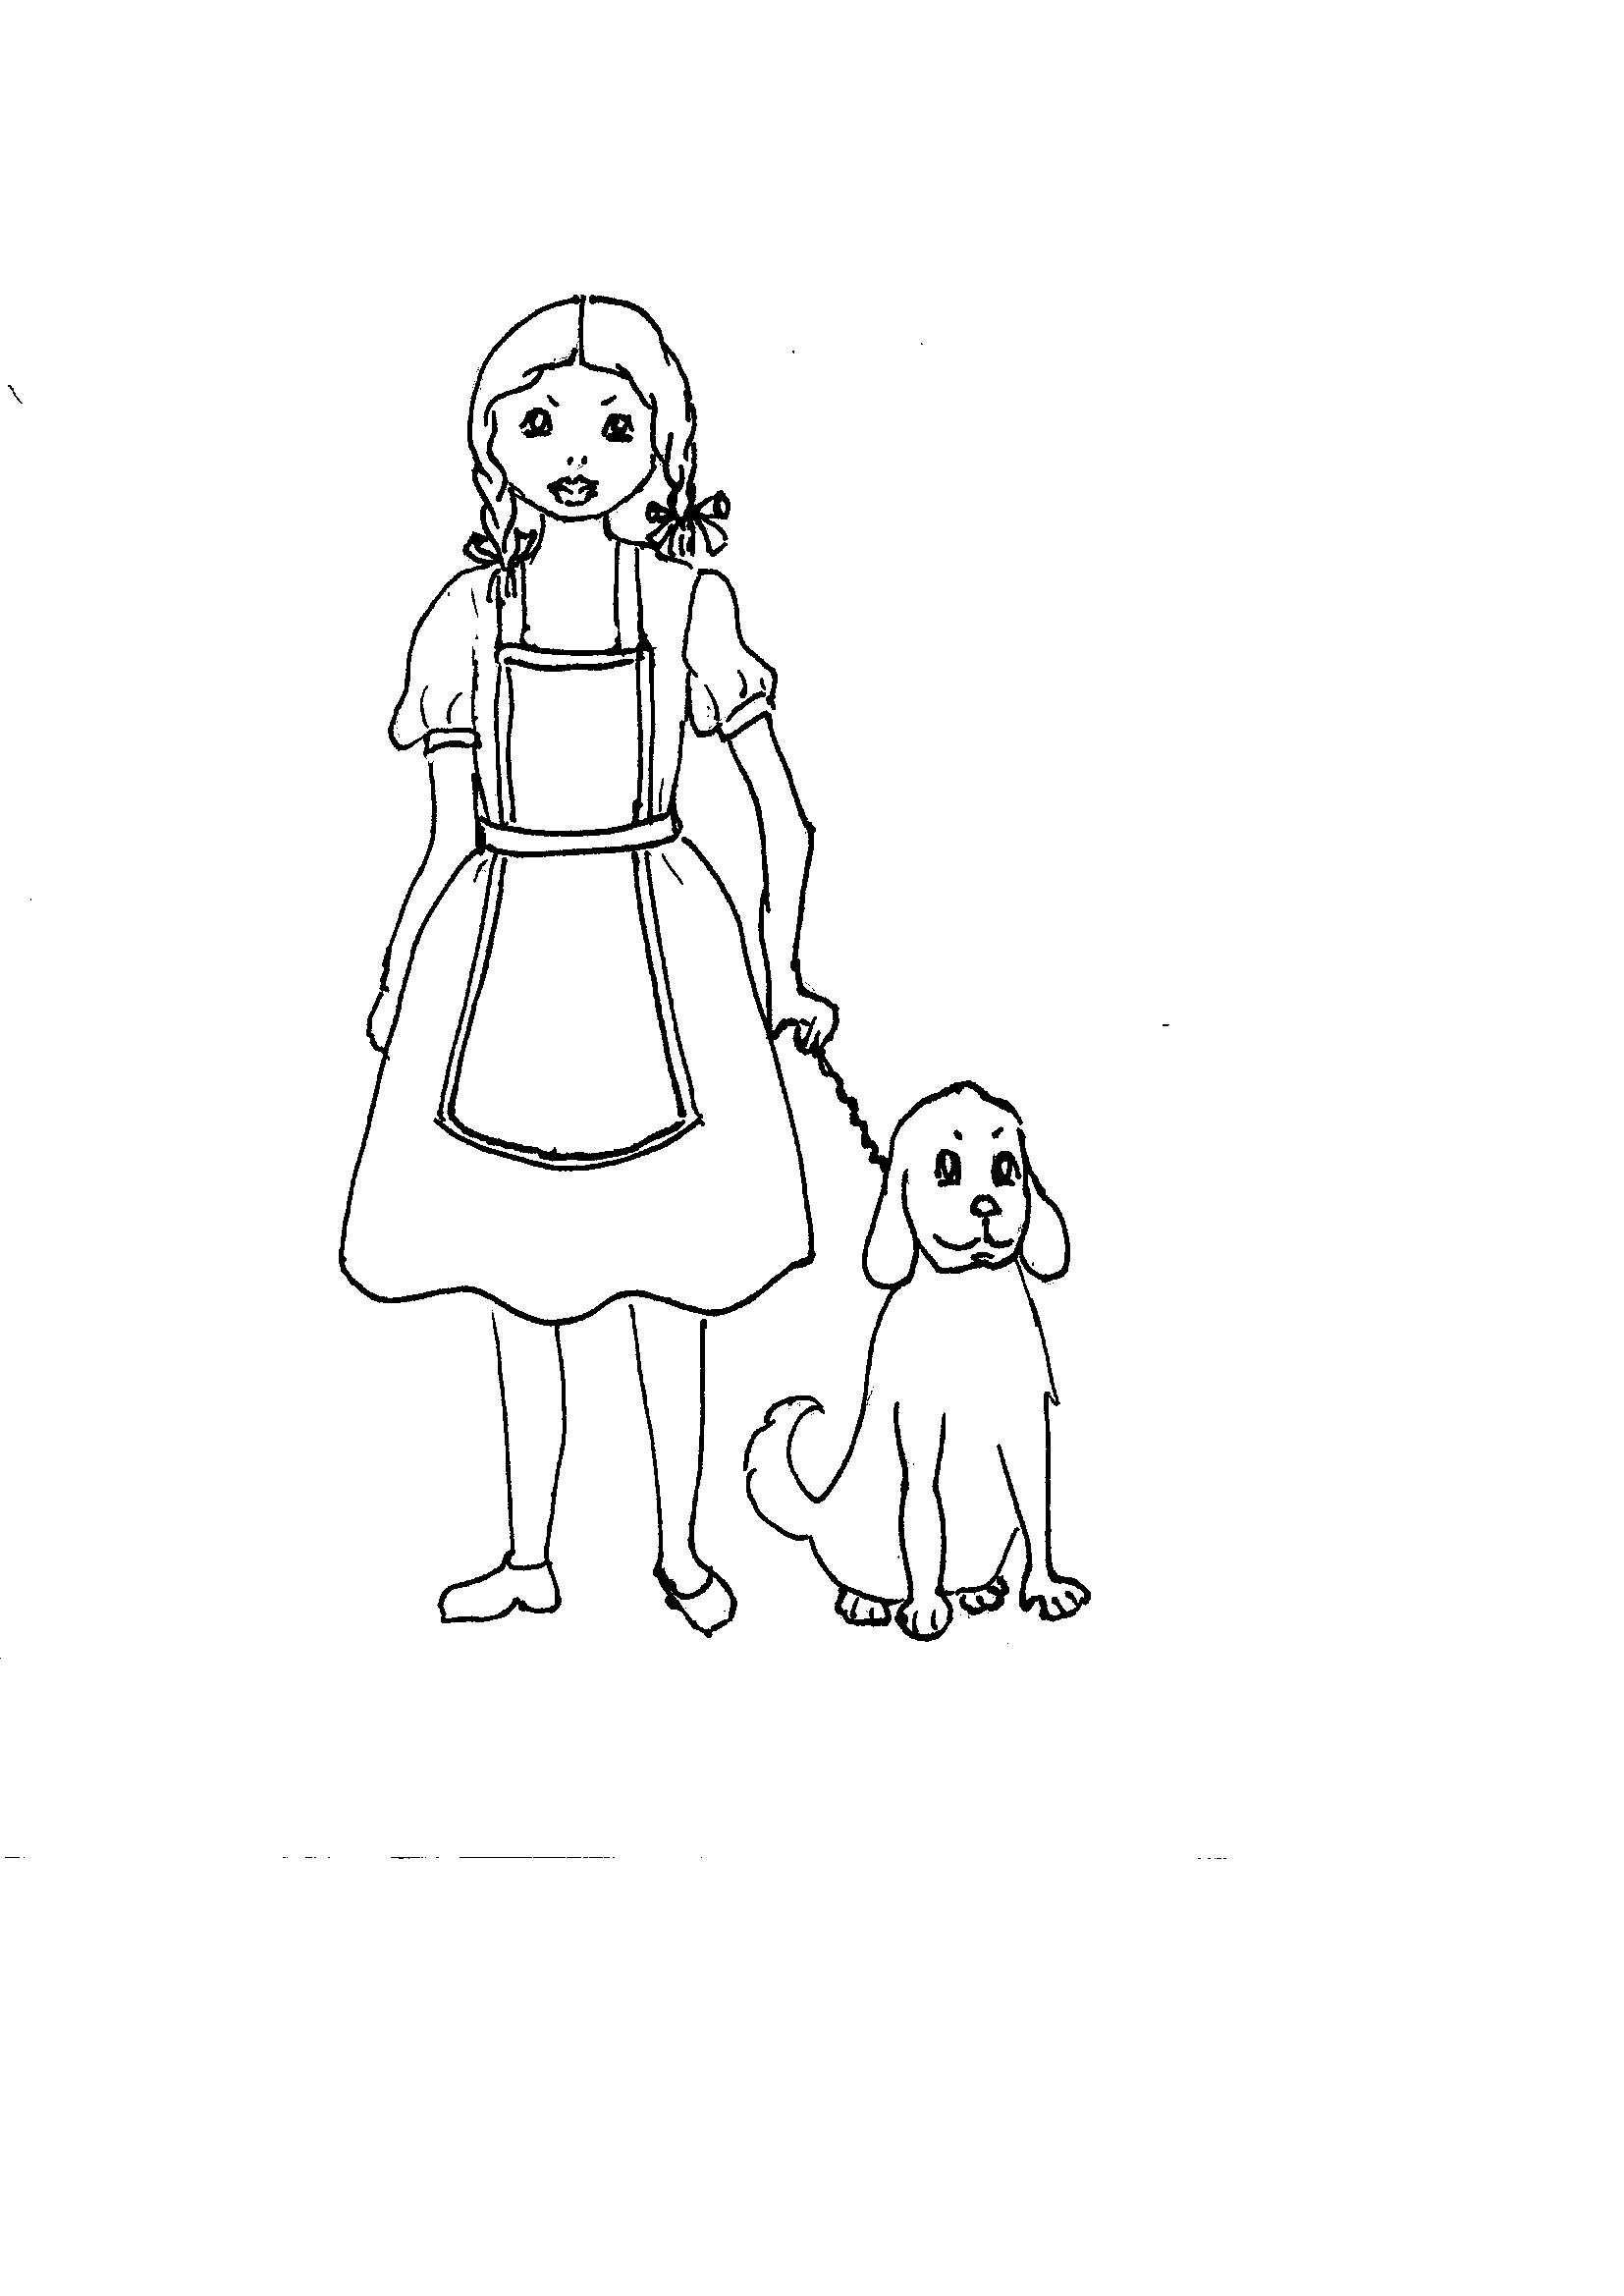 Disegni Da Colorare Bambini I Bambina Con Il Cane